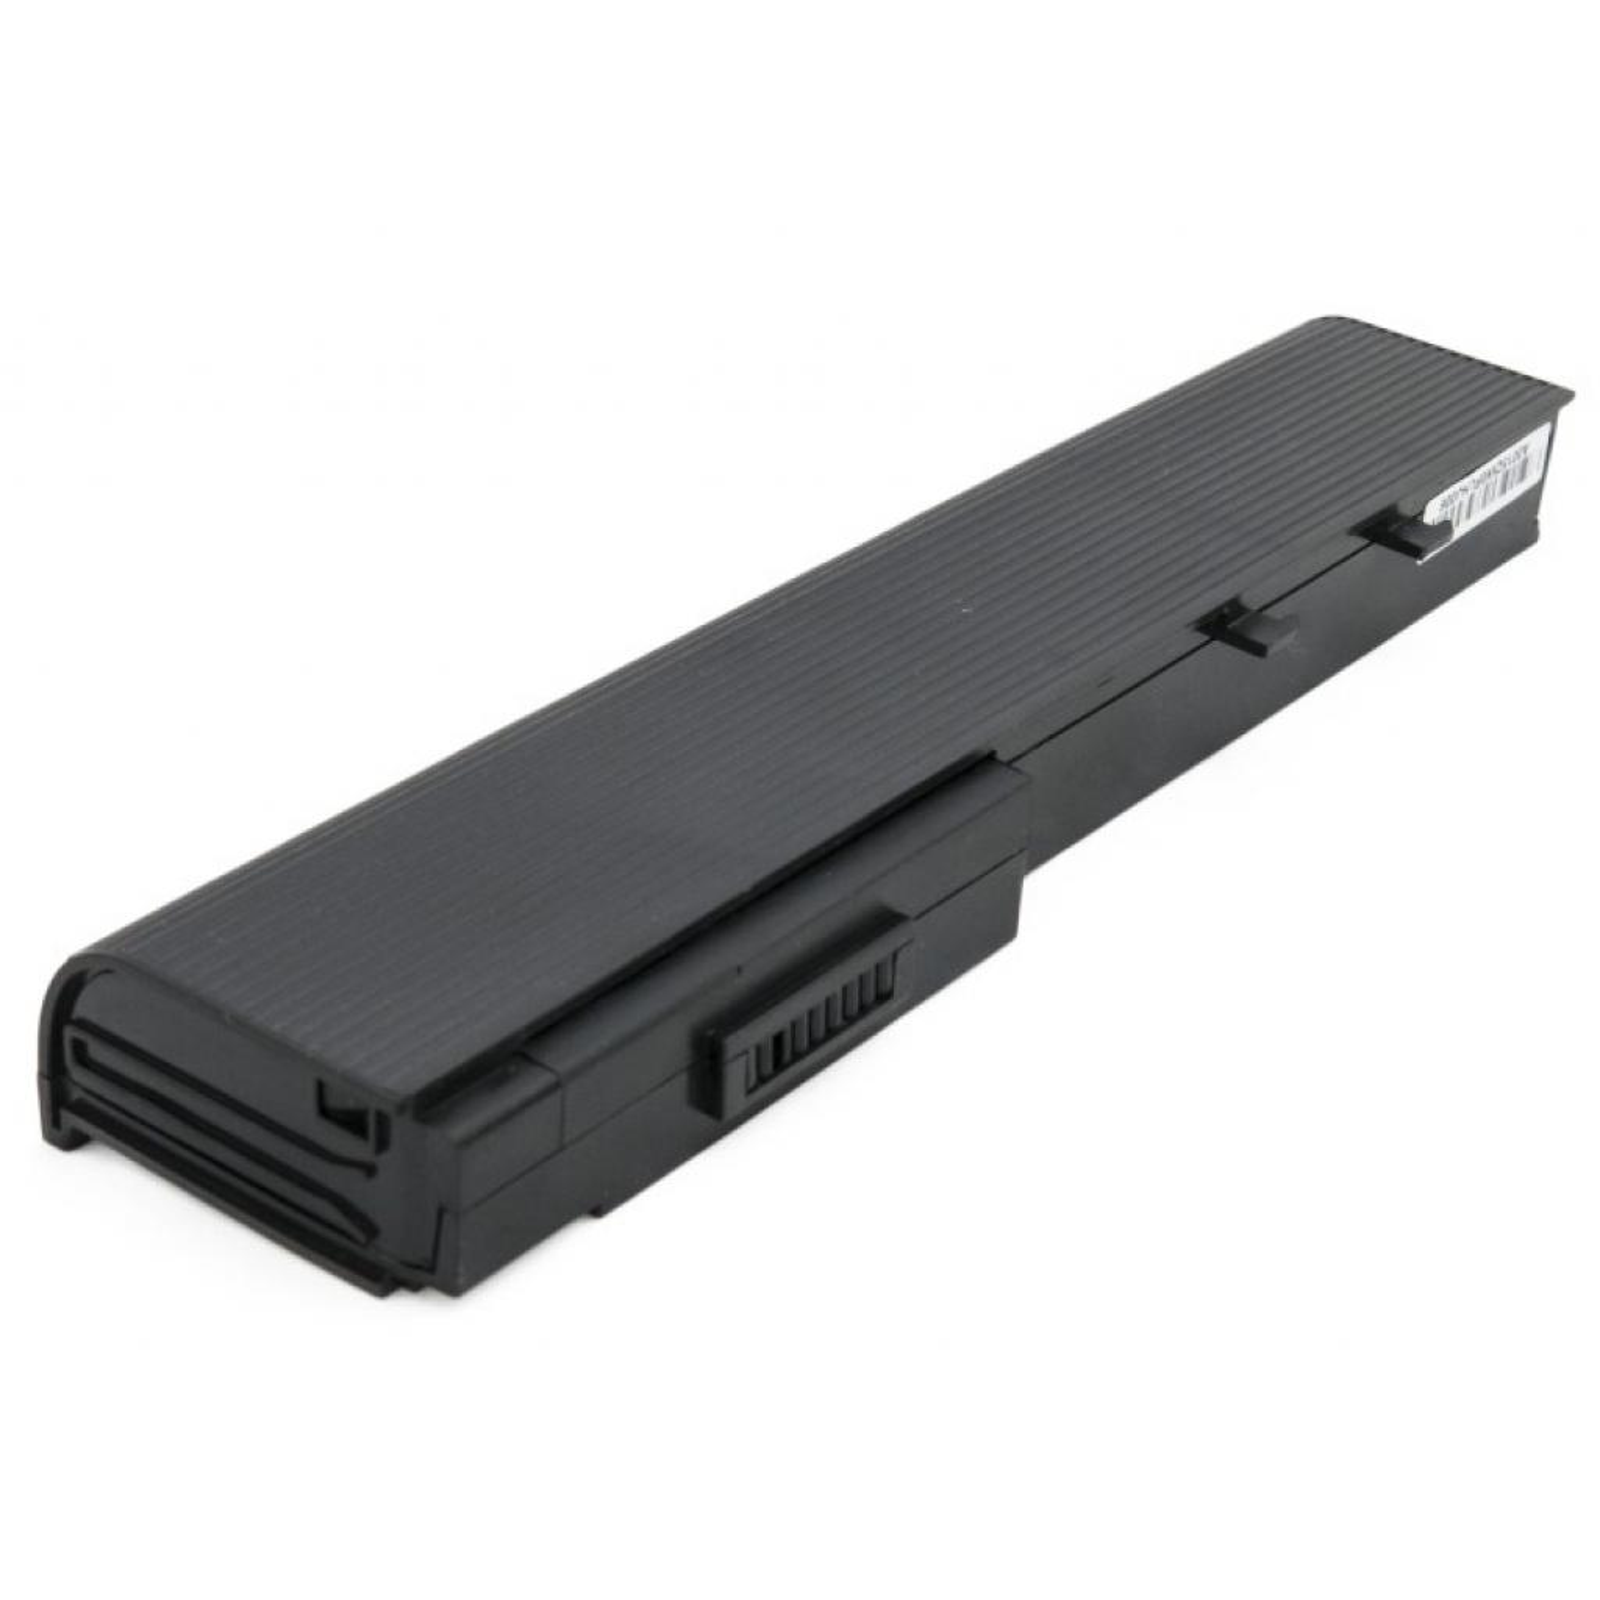 Аккумулятор для ноутбука Acer Aspire 5550 (BTP-AQJ1) 5200 mAh EXTRADIGITAL (BNA3913) изображение 3